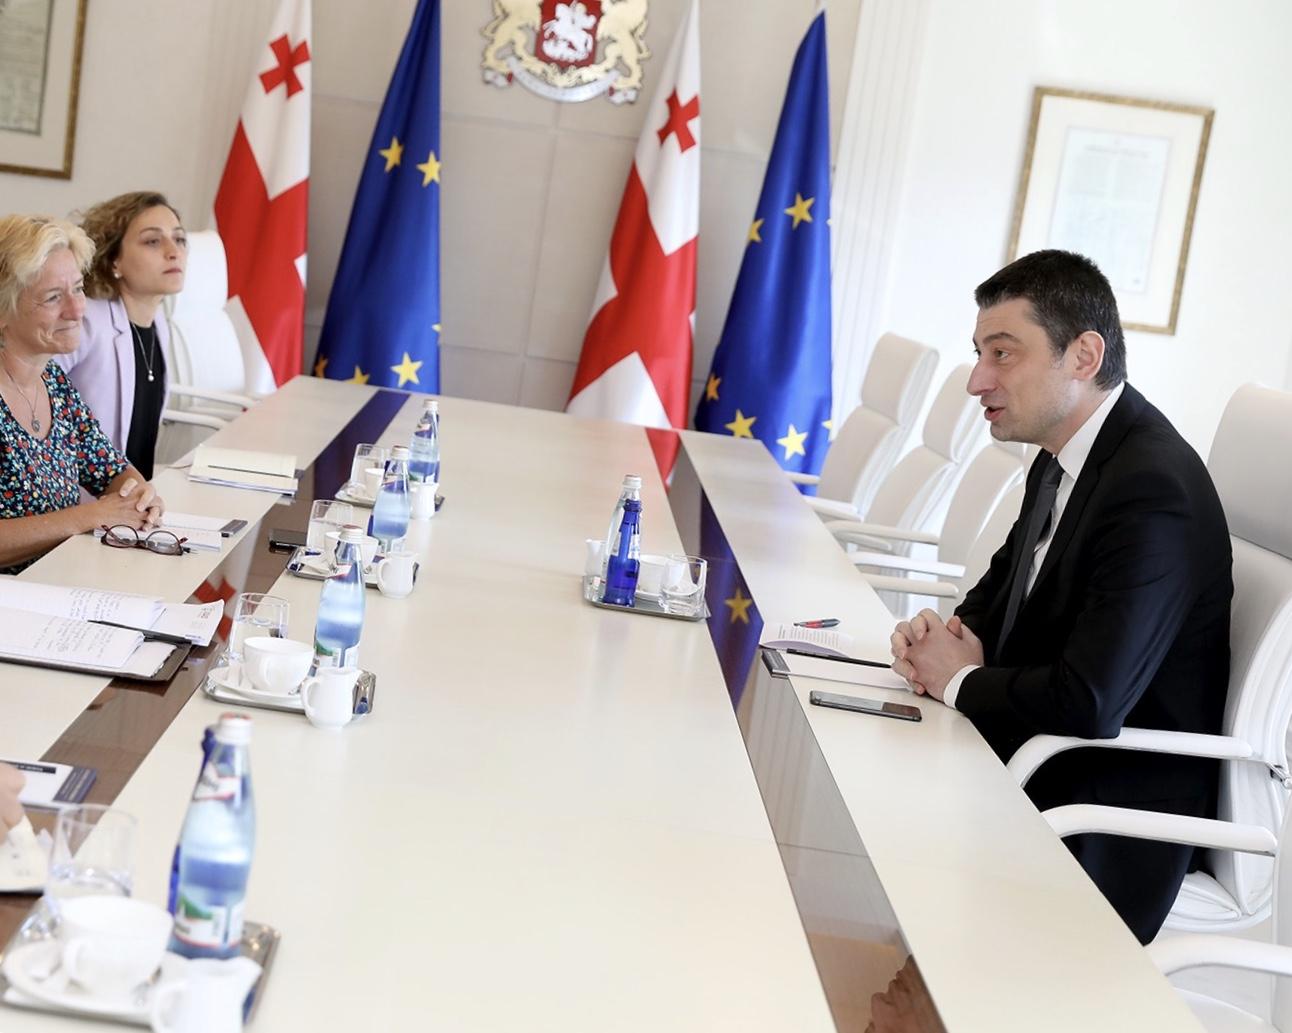 პრემიერ-მინისტრი საერთაშორისო ექსპერტ მეგი ნიკოლსონს ადამიანის უფლებების დაცვის საკითხებზე ესაუბრა